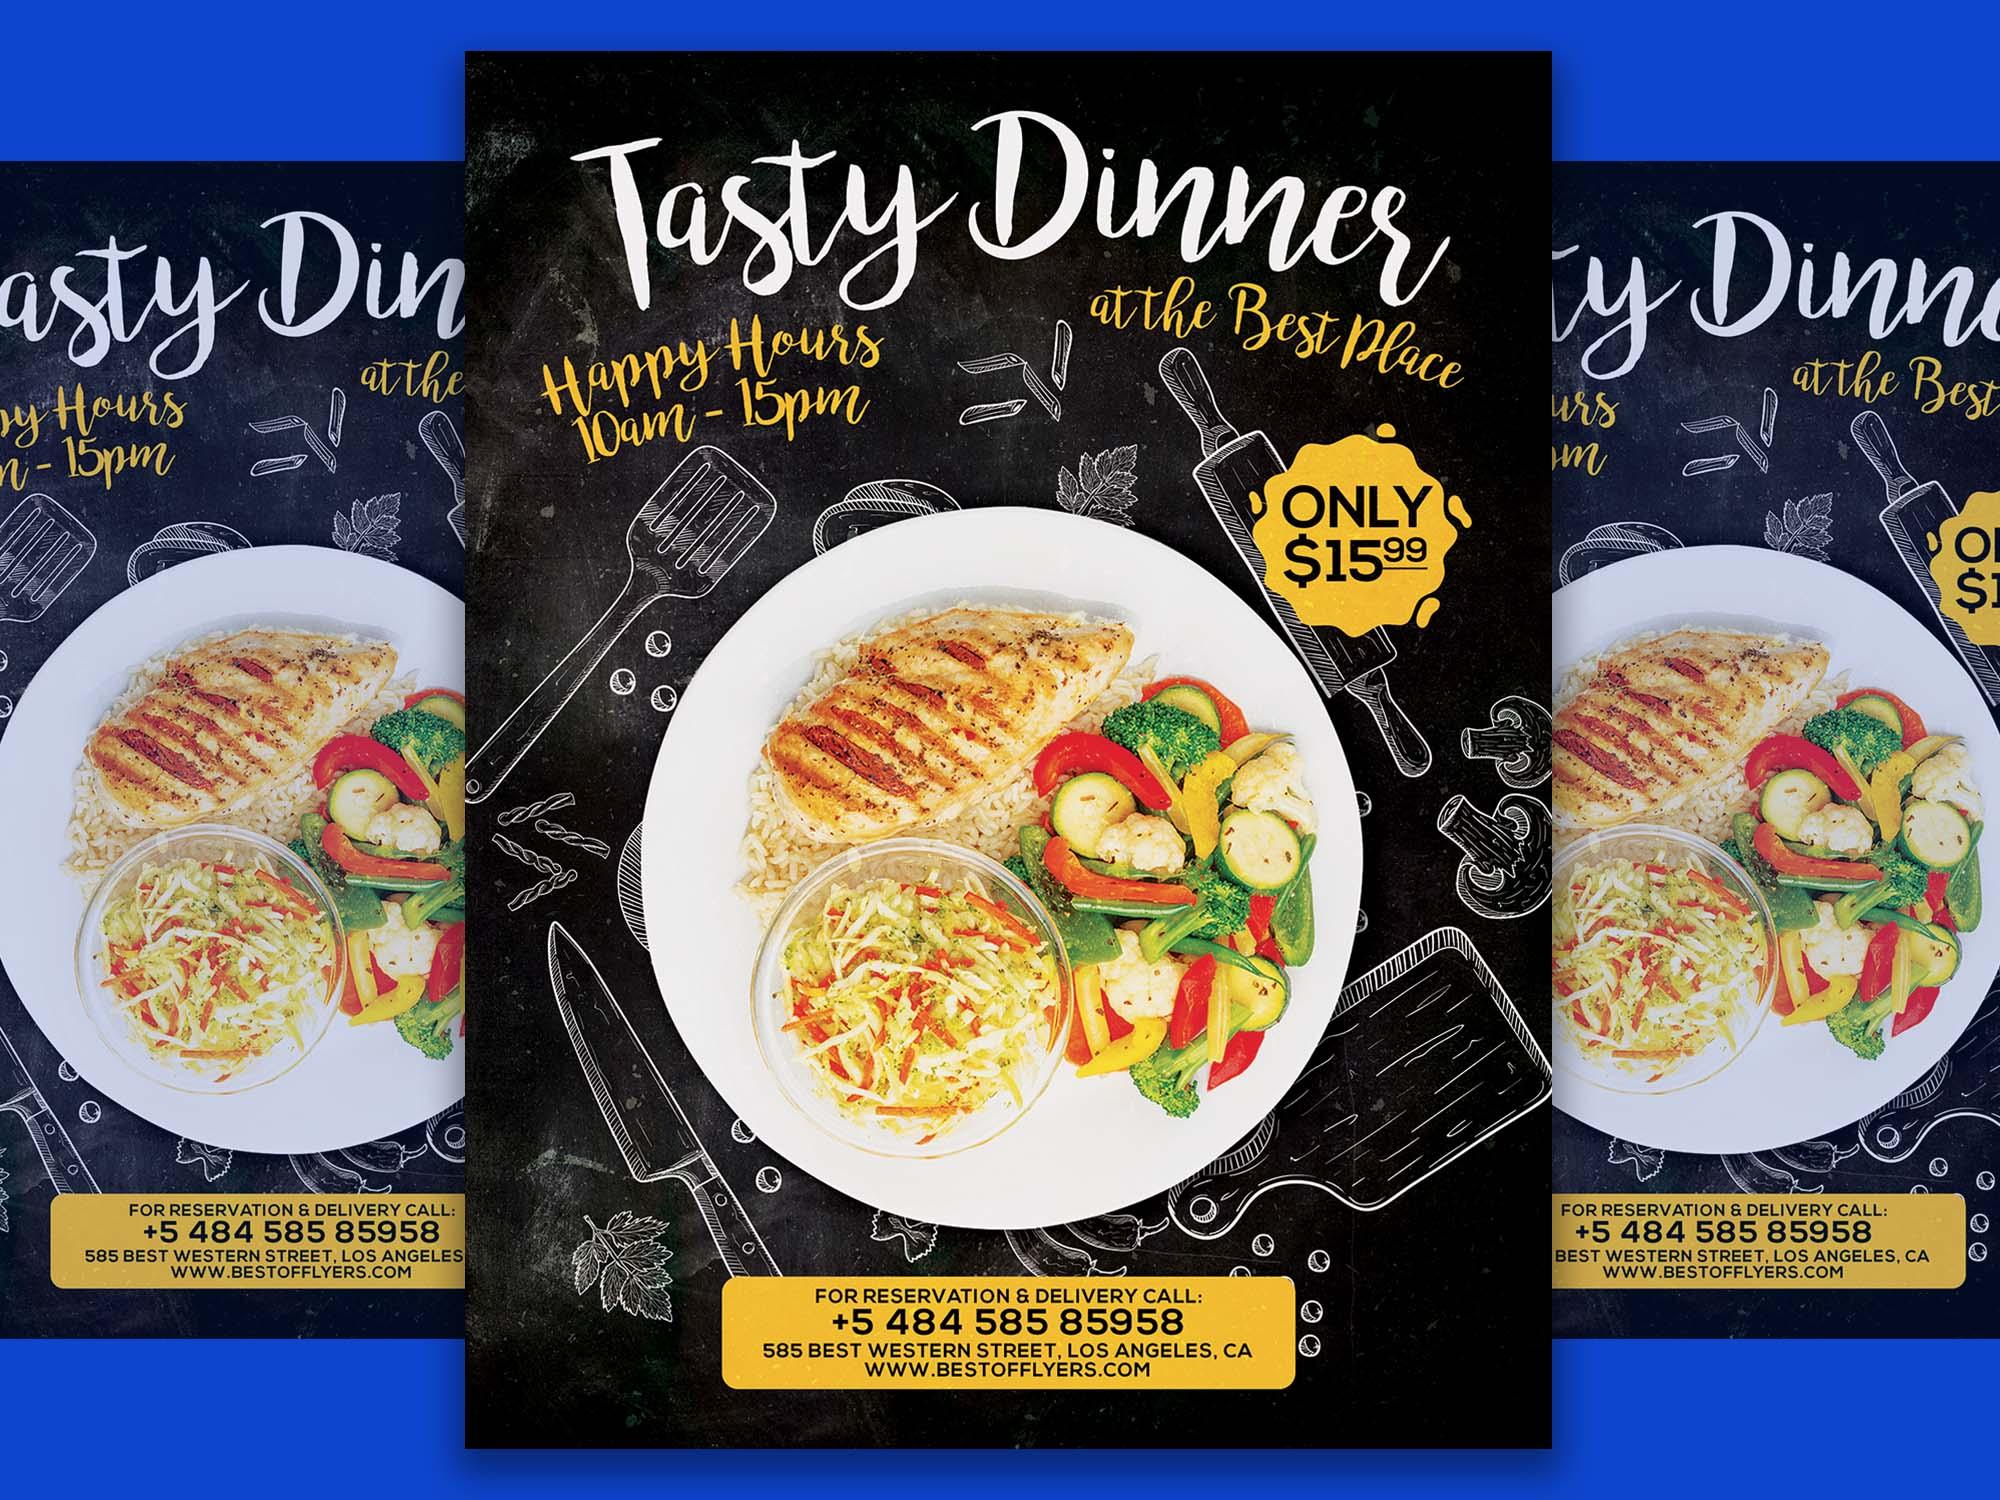 Tasty Dinner Poster Template 2